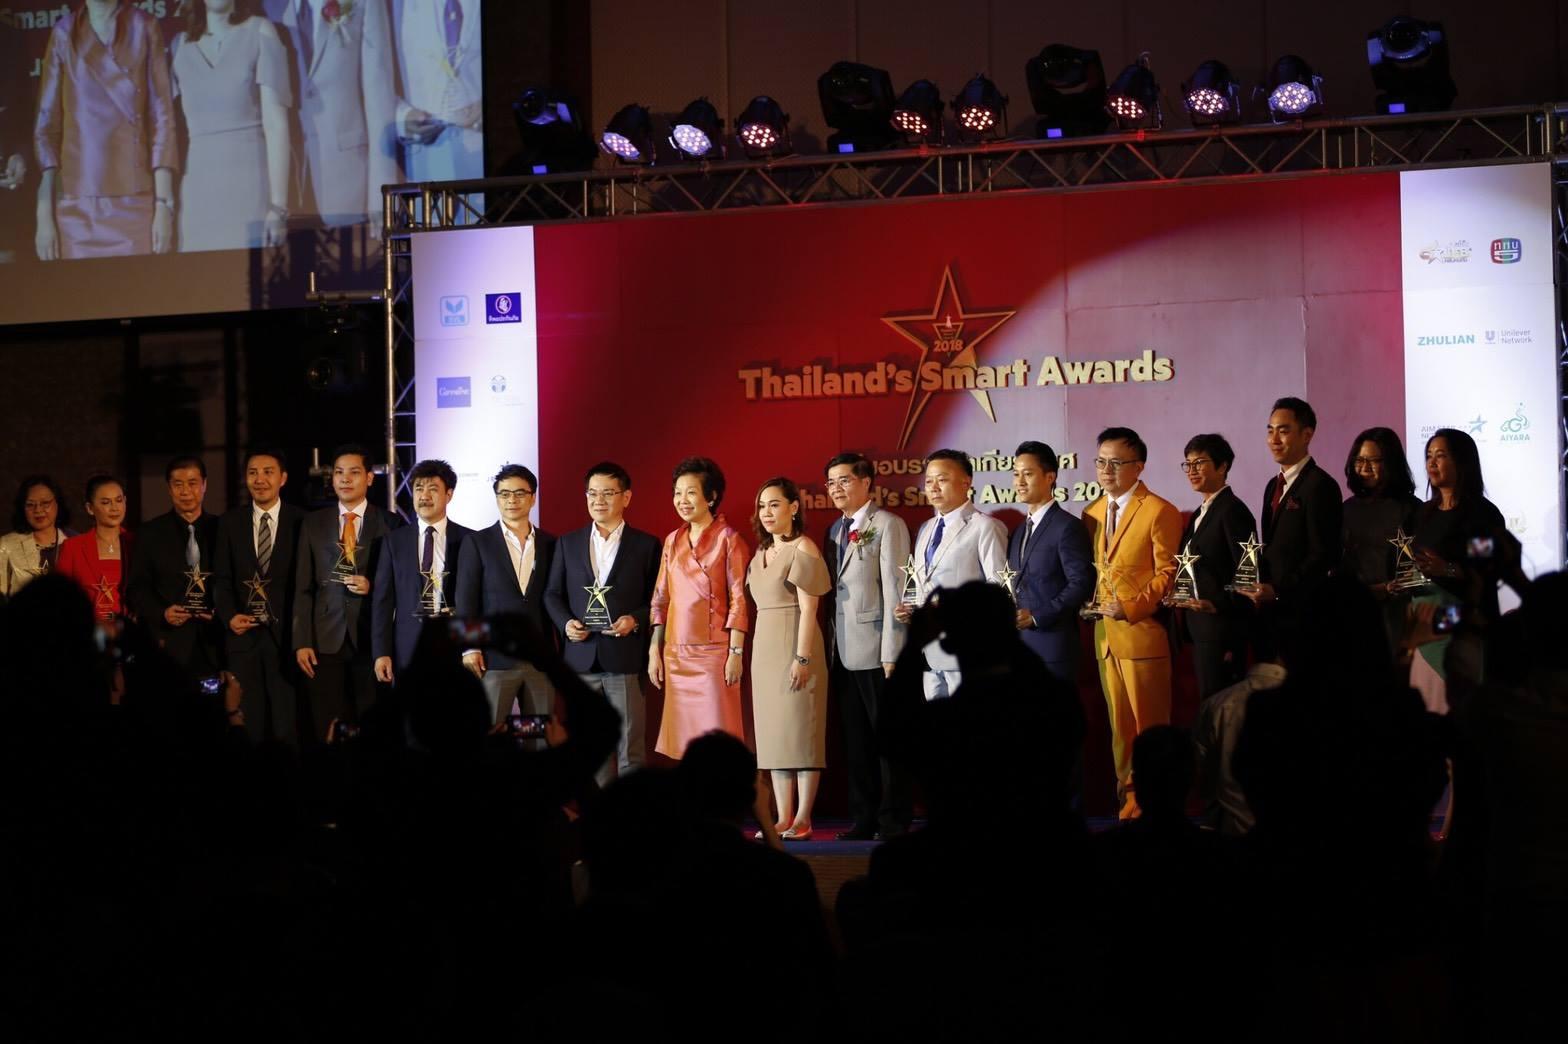 สองผู้ก่อตั้ง SUCCESSMORE รับรางวัลในงาน Thailand's Smart Awards 2018 (4)